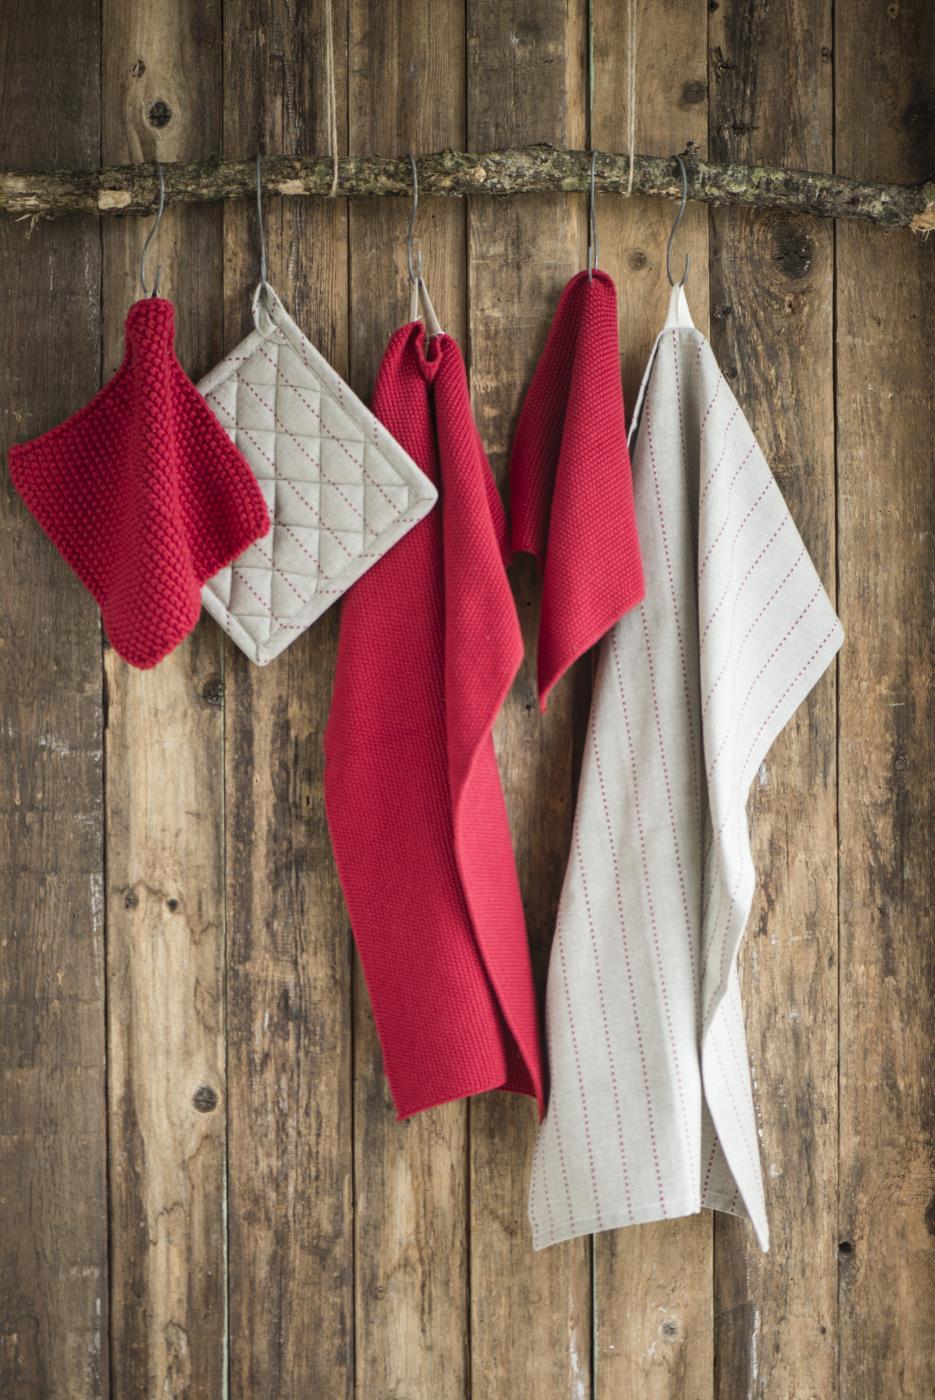 Küchentextilien skandinavisch, Bild 1